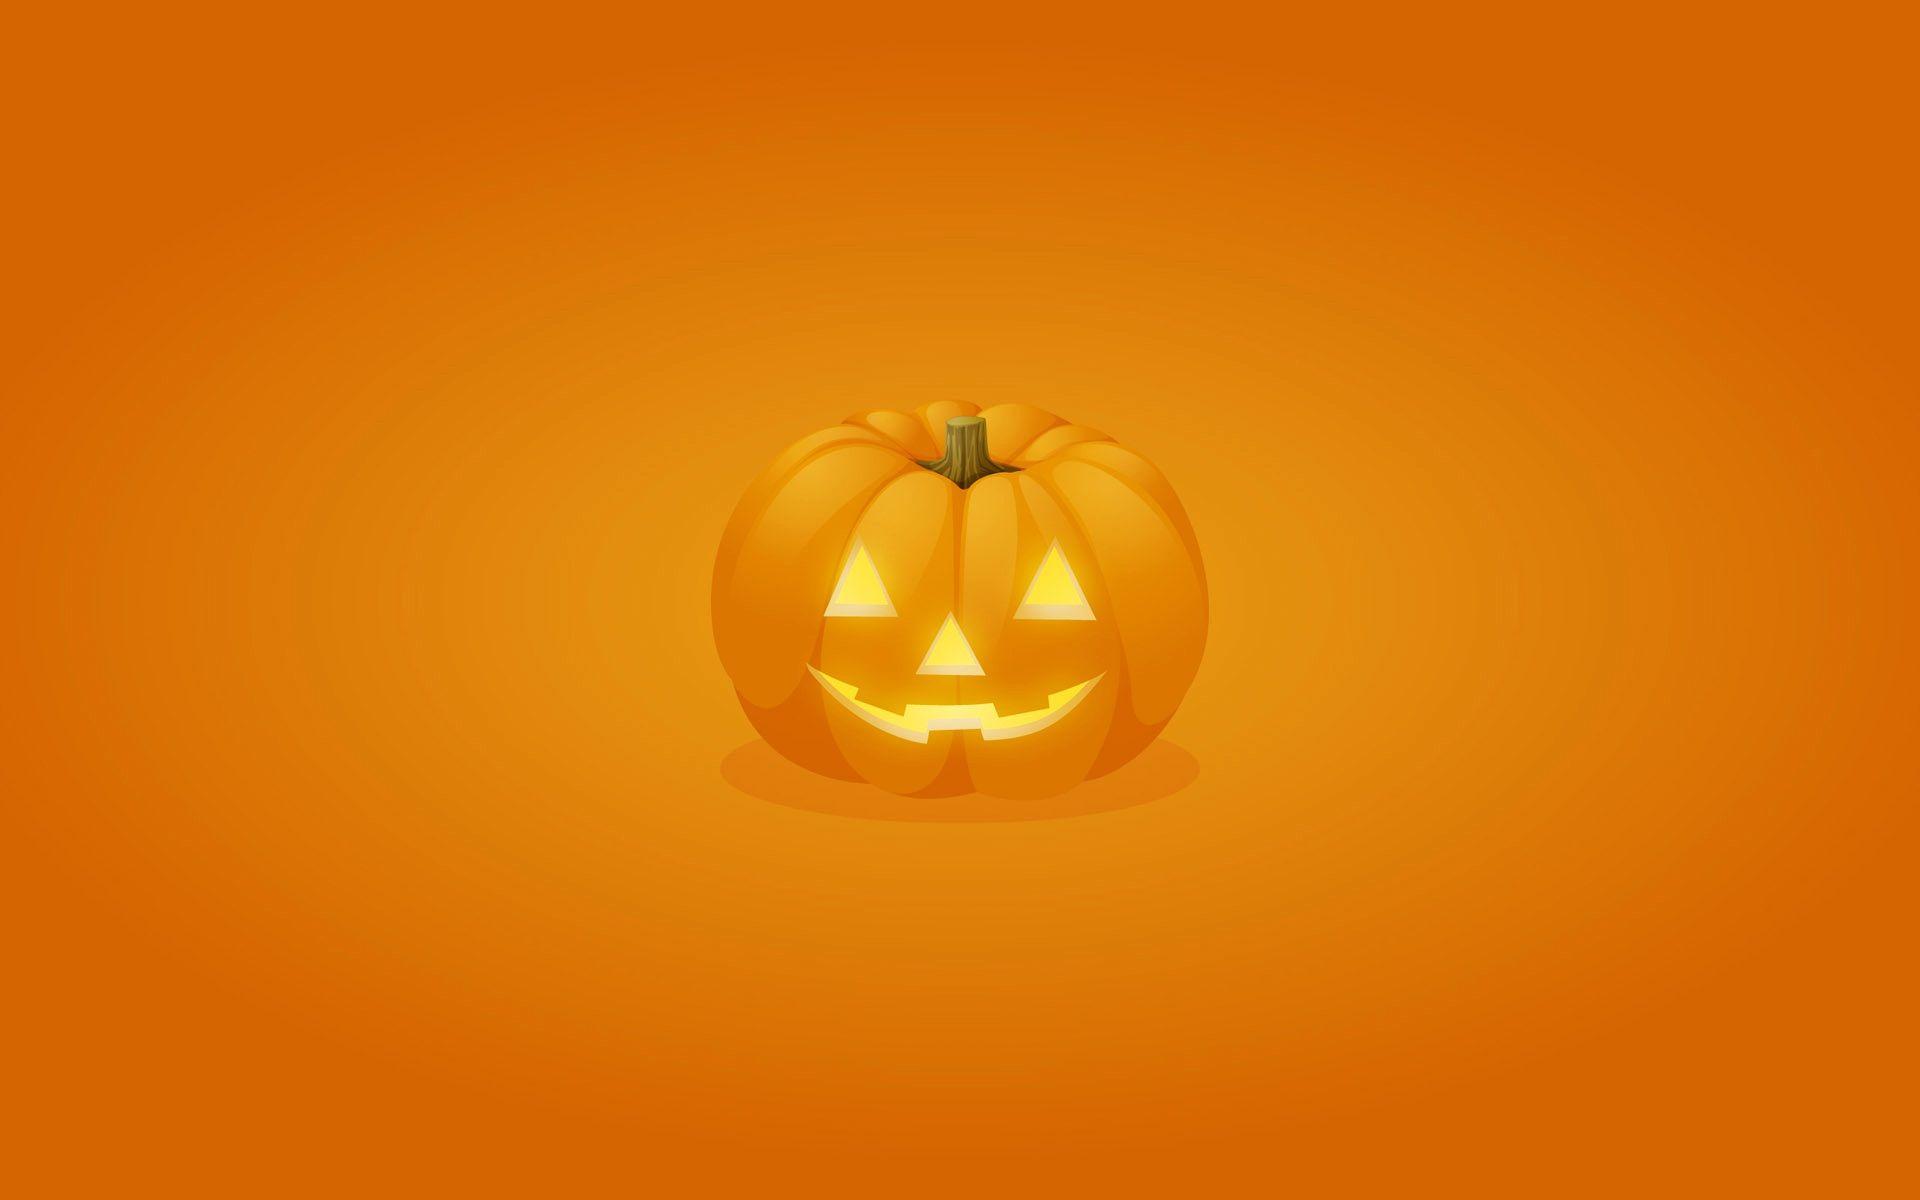 Halloween Powerpoint Templates Mac Pumpkin Wallpaper Halloween Backgrounds Halloween Pumpkins